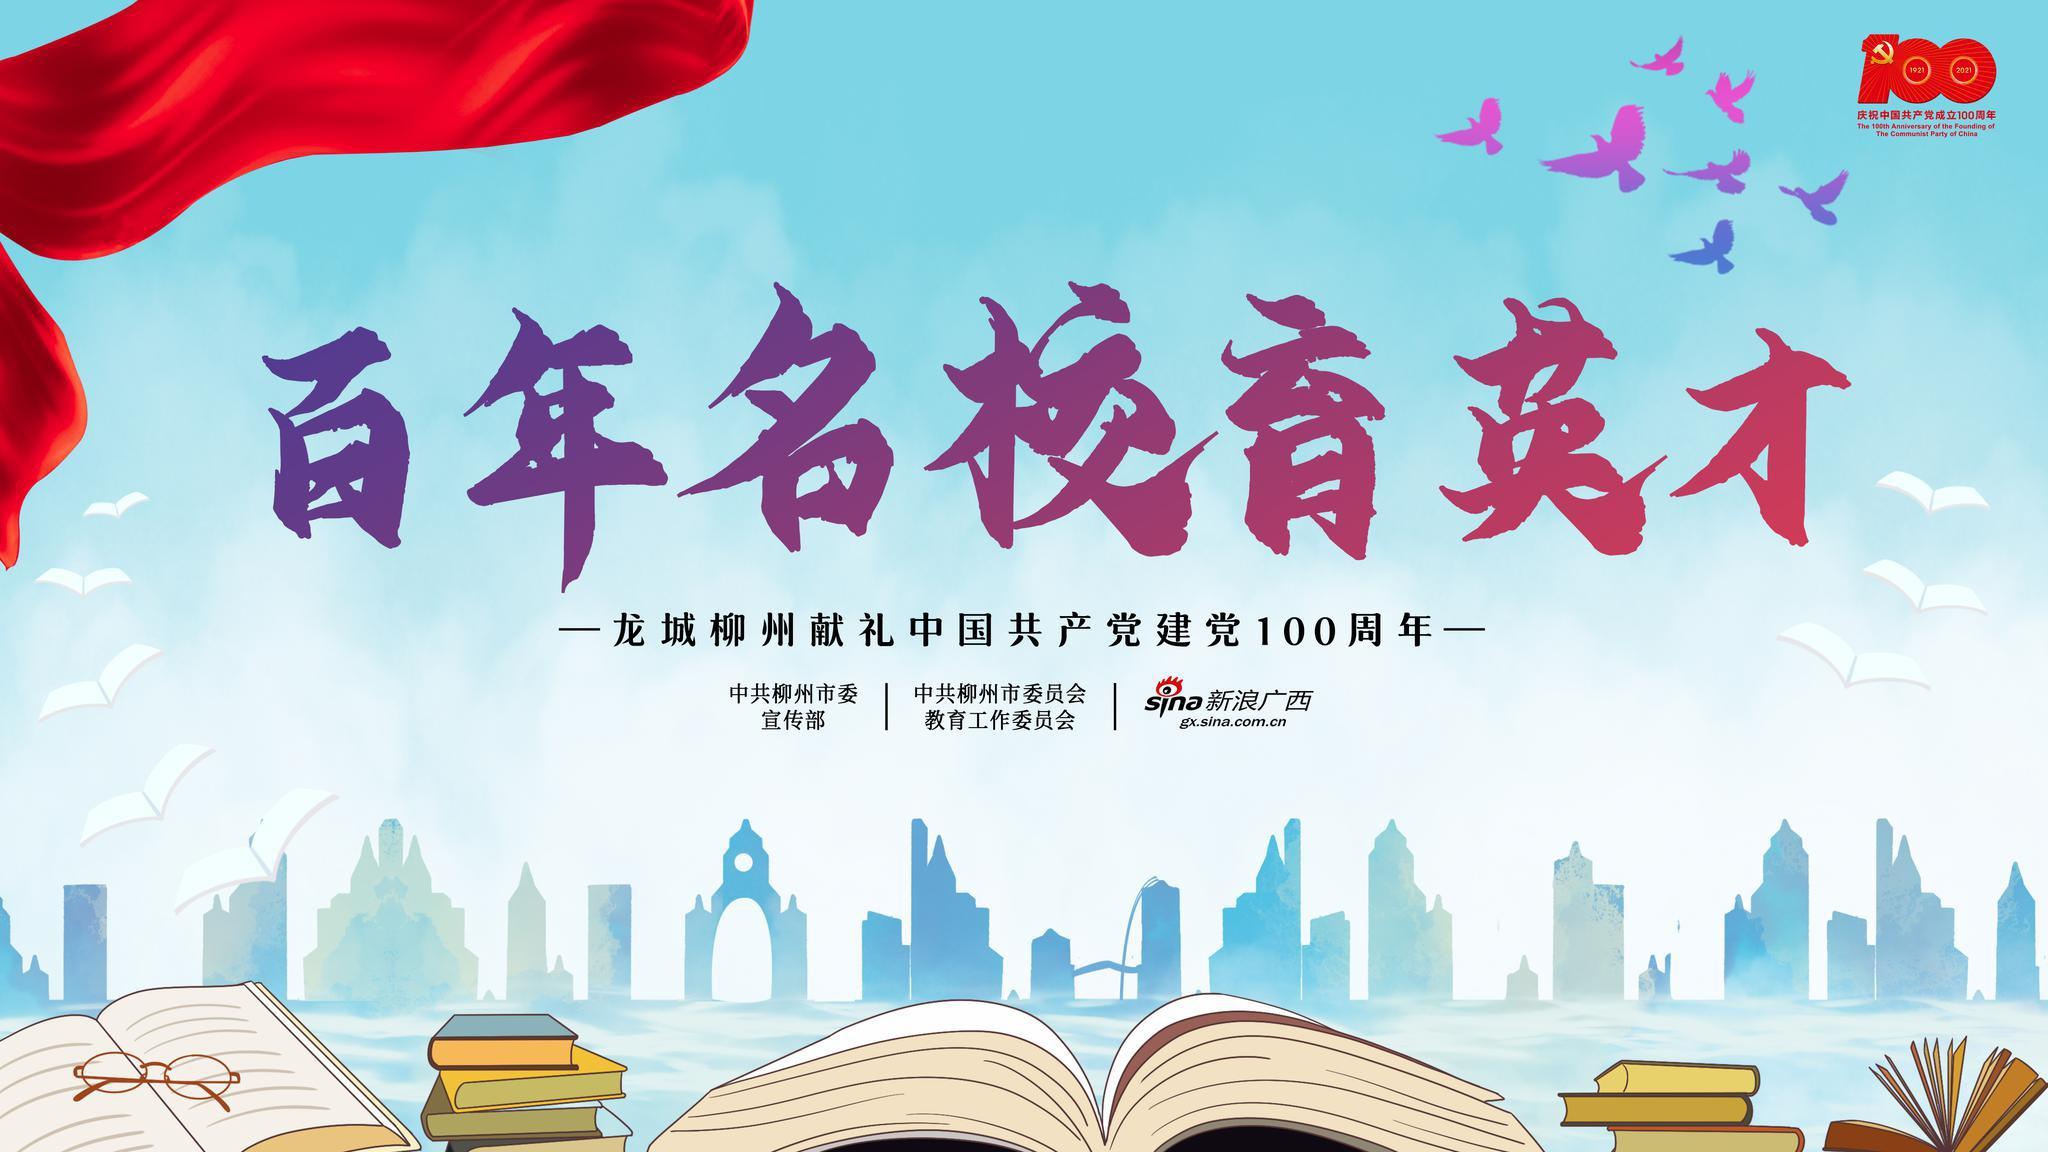 龙城柳州献礼中国共产党建党100周年